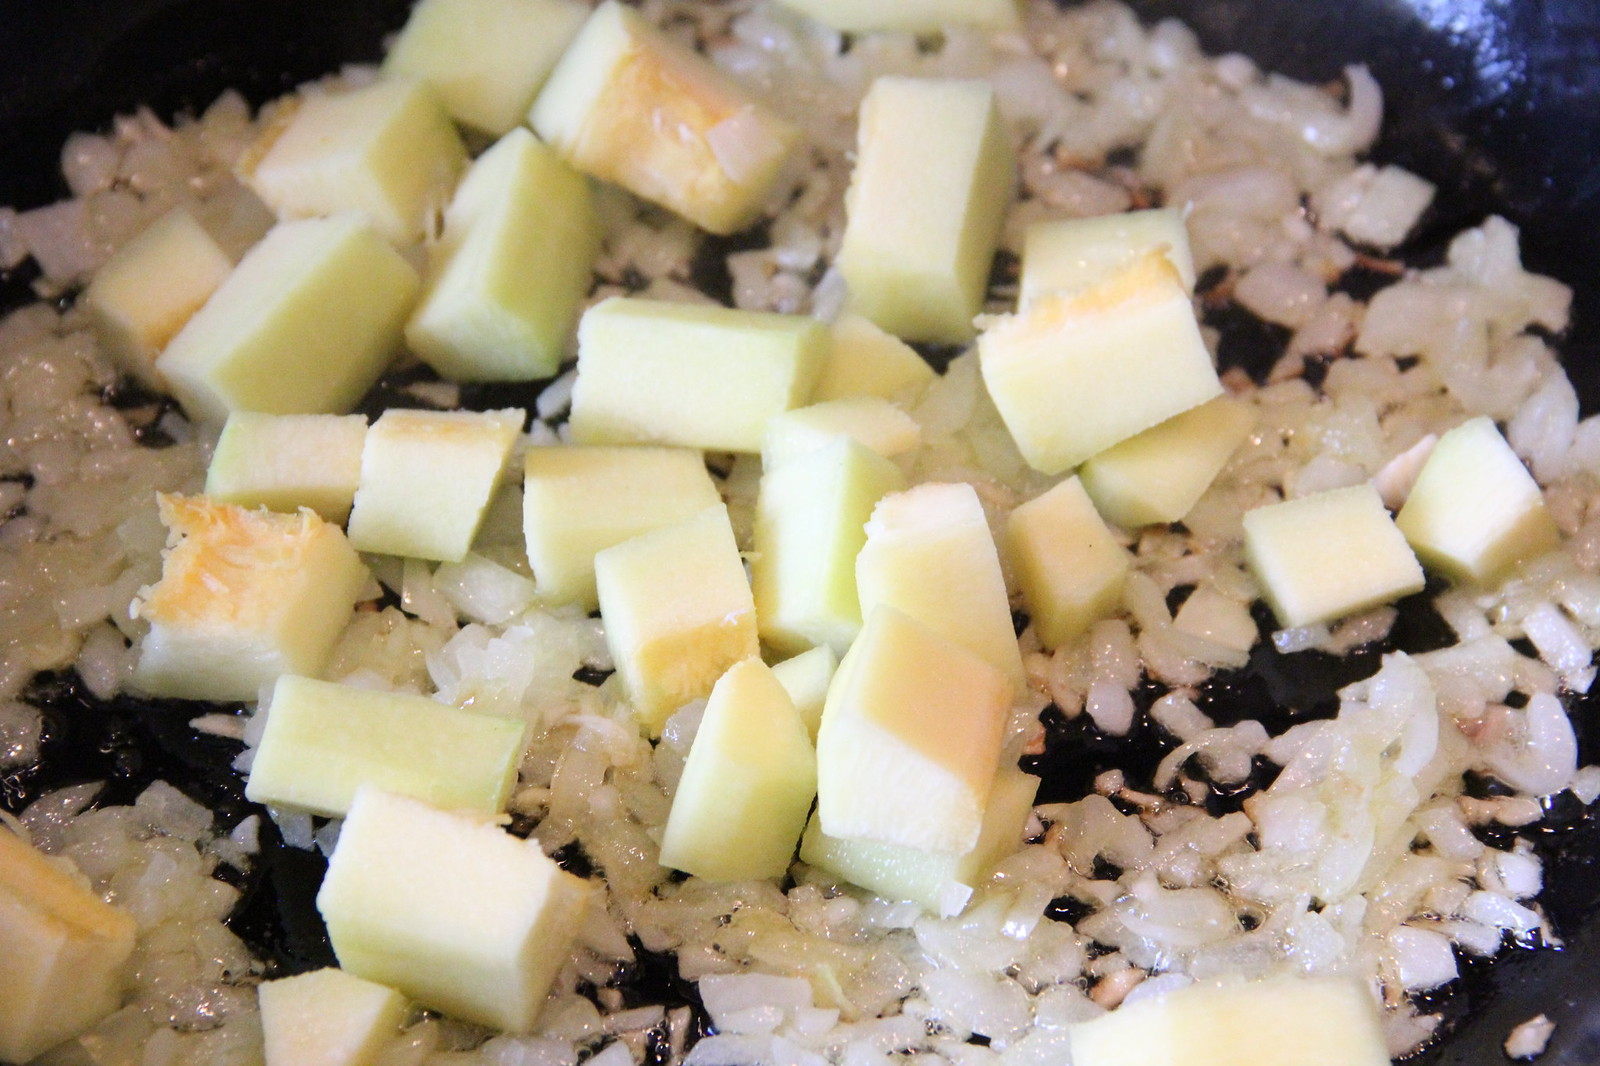 Cukinijos ir svogūno galėjau įdėti daugiau - būtų šlapesnis įdaras. Dabar gavosi čiut-čiut sausokas.